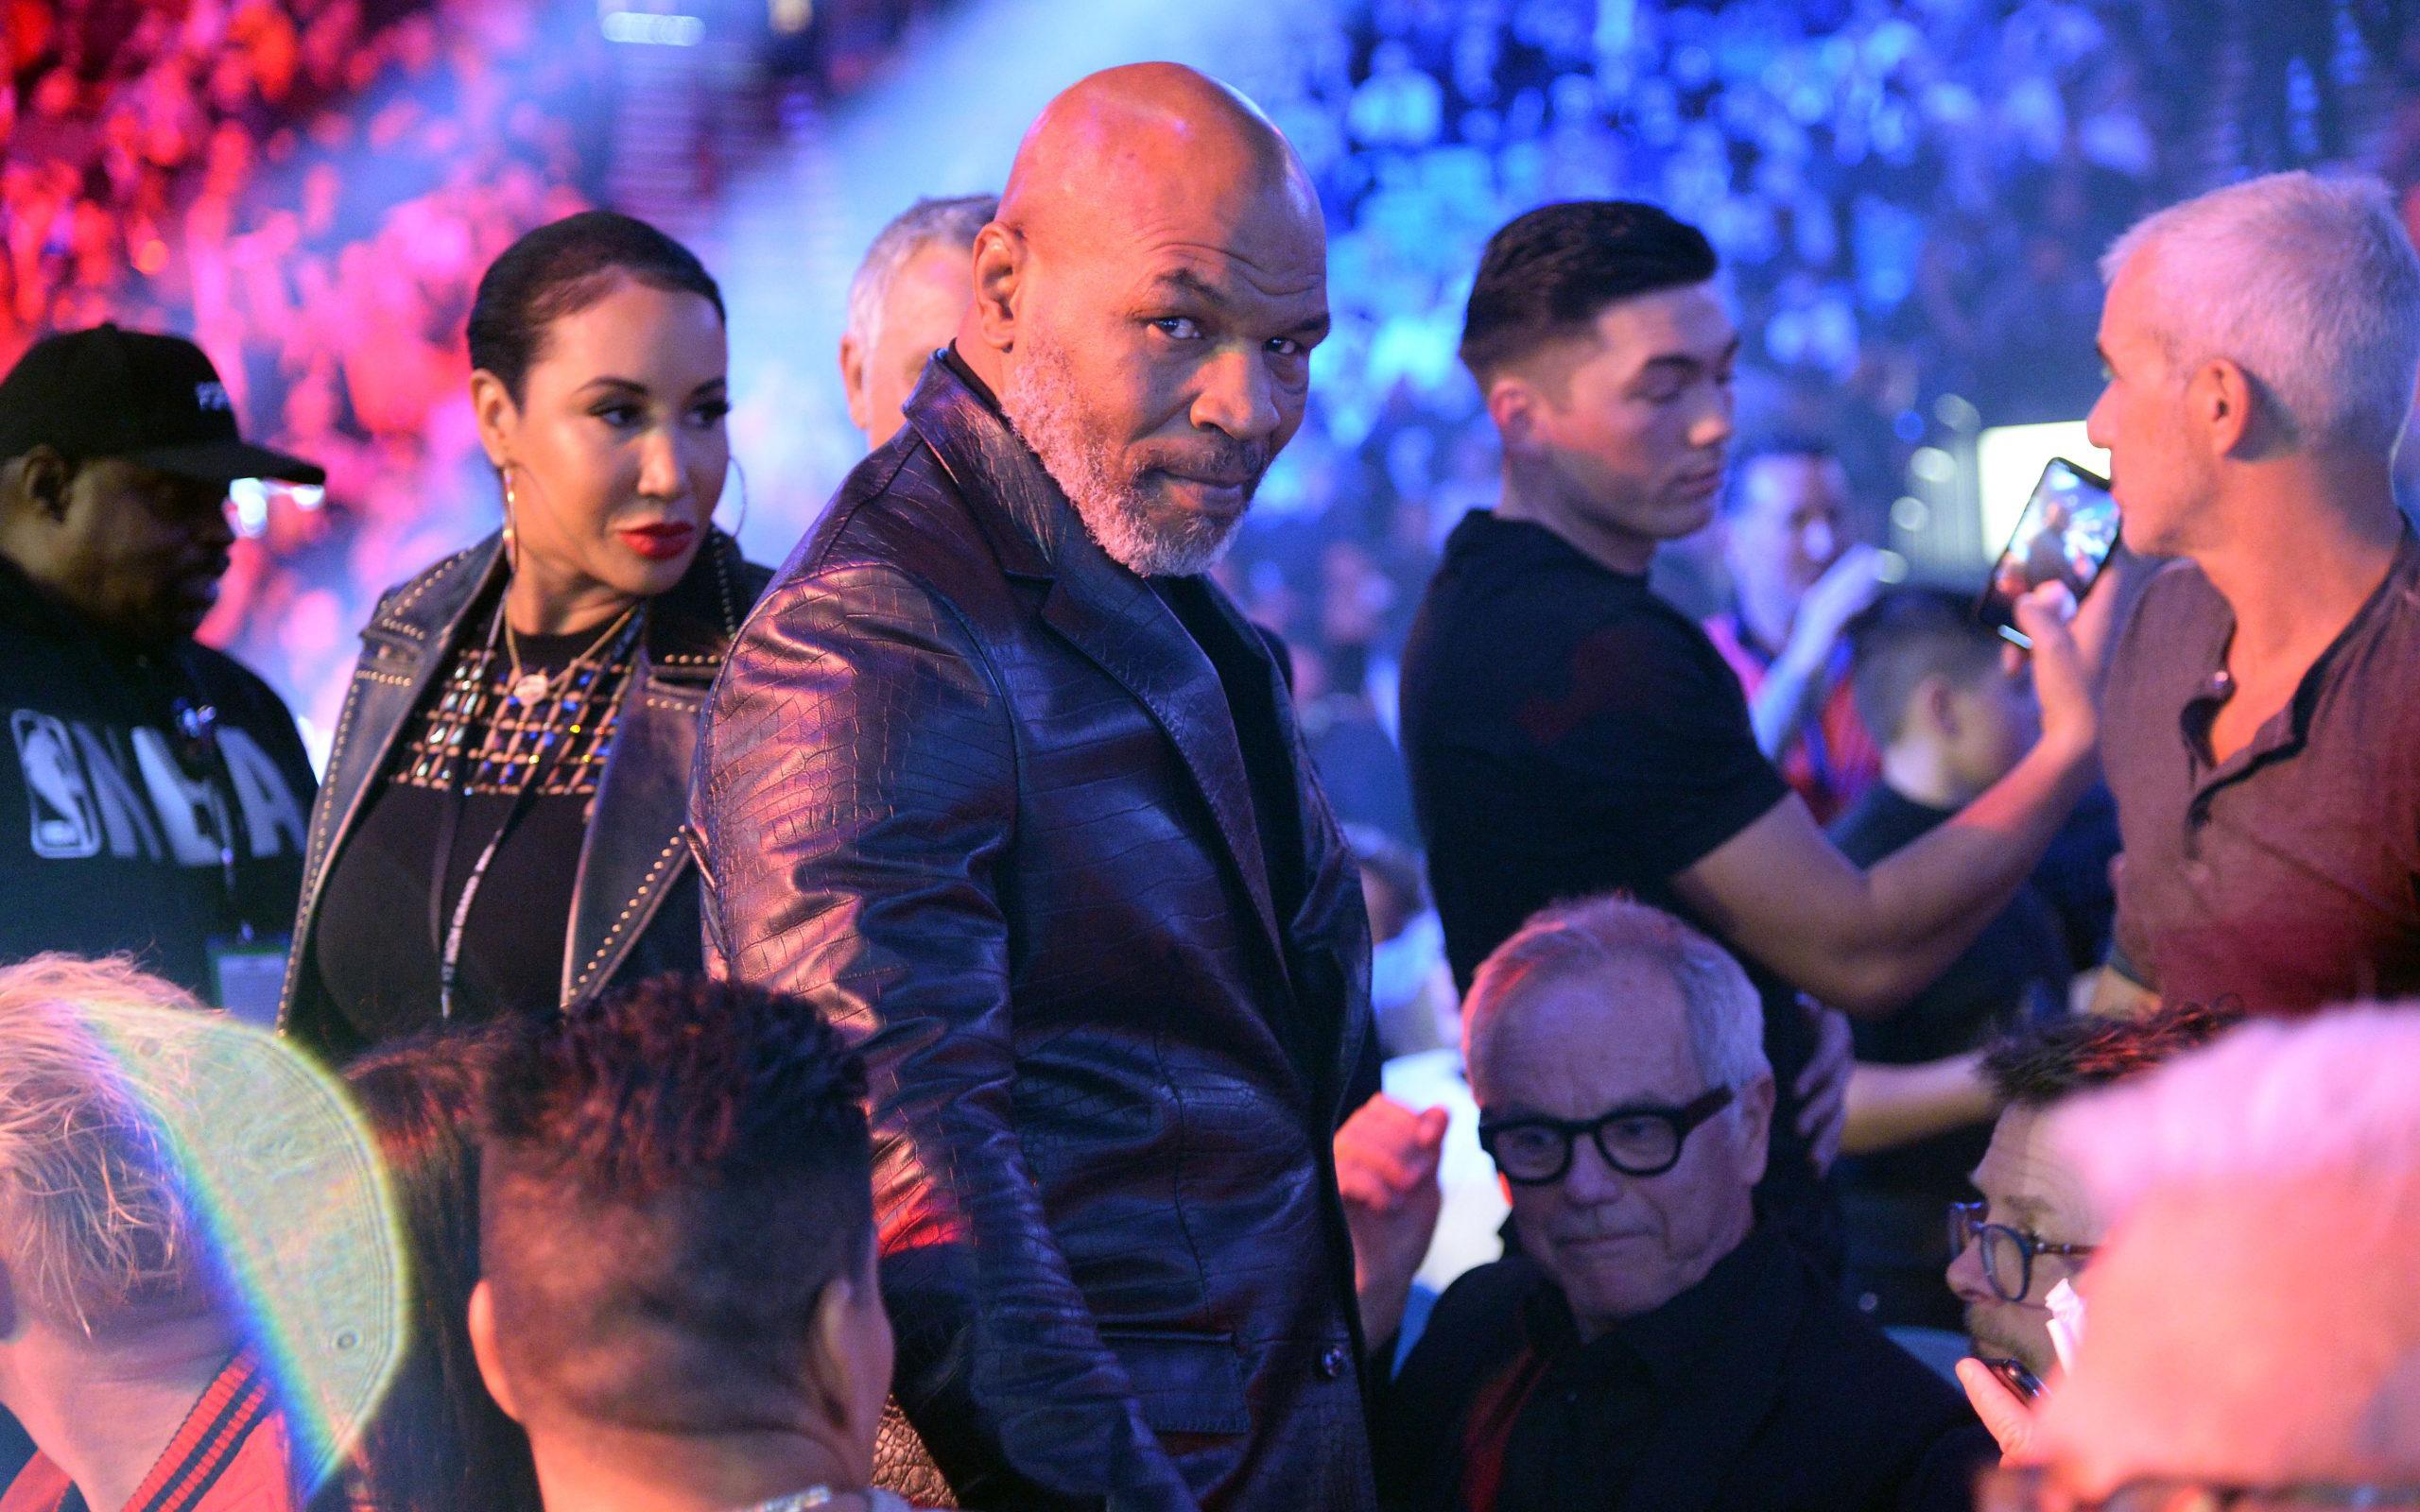 Mike Tyson nhận được lời mời trị giá 465 tỷ để đấu quyền Anh tay trần, đối thủ tiềm năng là một huyền thoại MMA